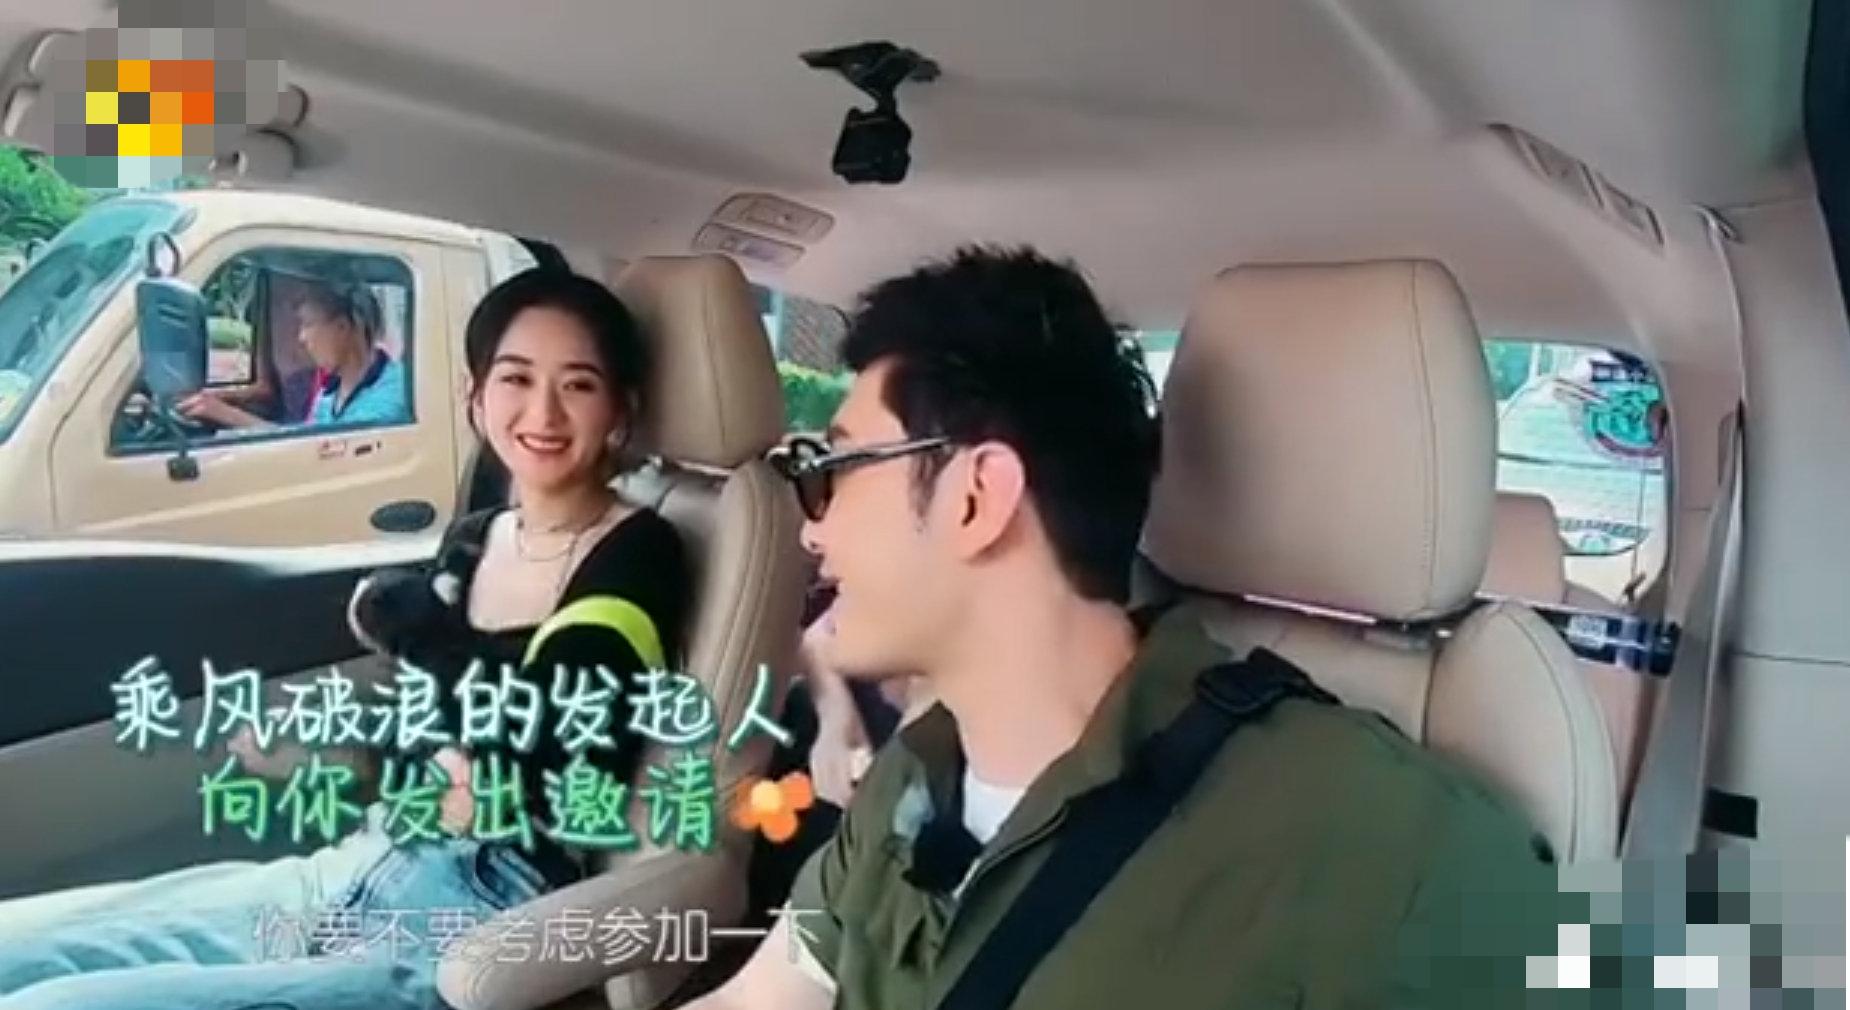 赵丽颖快逃,黄晓明要来邀请你参加《乘风破浪的姐姐第二季》啦